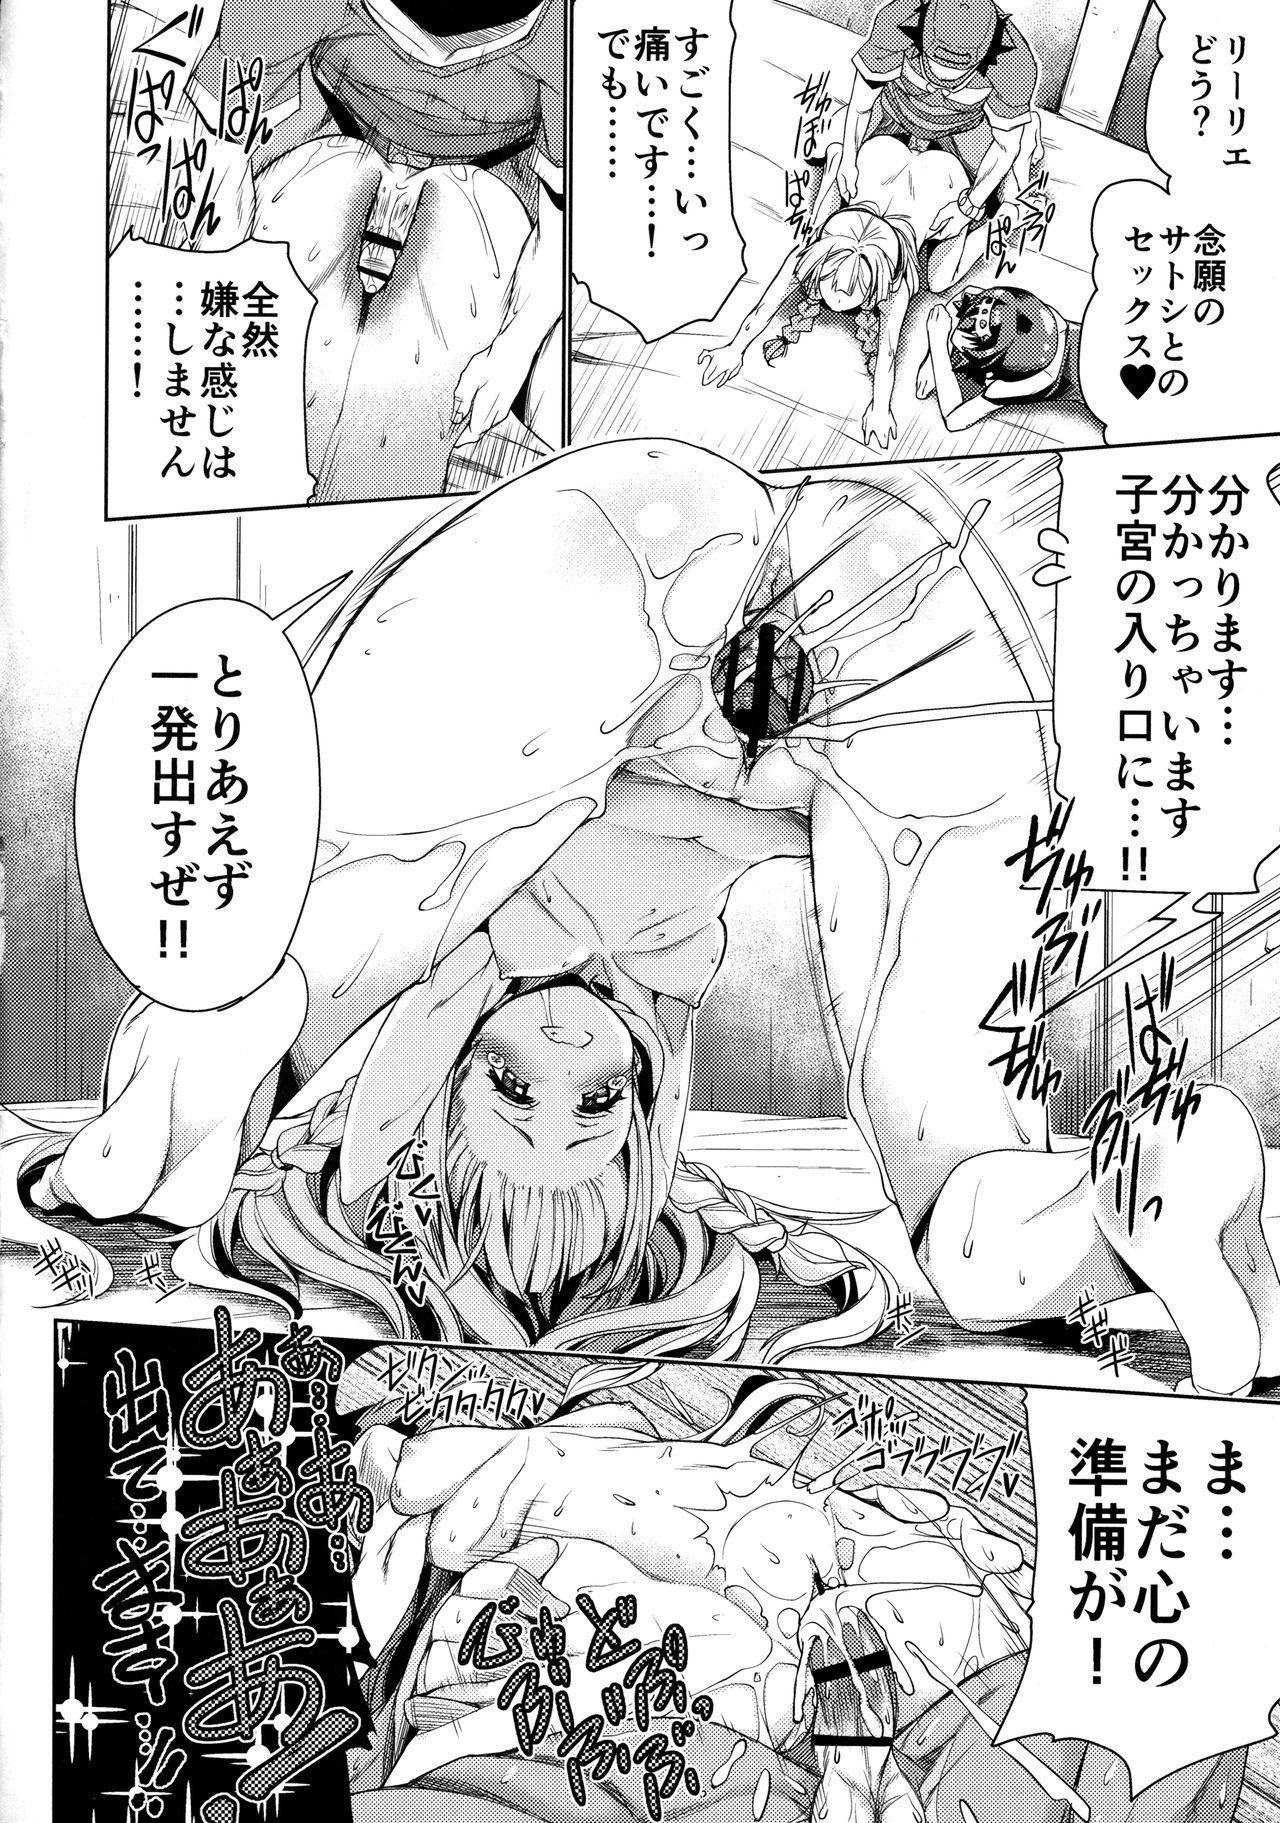 Watashi ga Sono Ki ni Nareba Ronriteki ni! 10